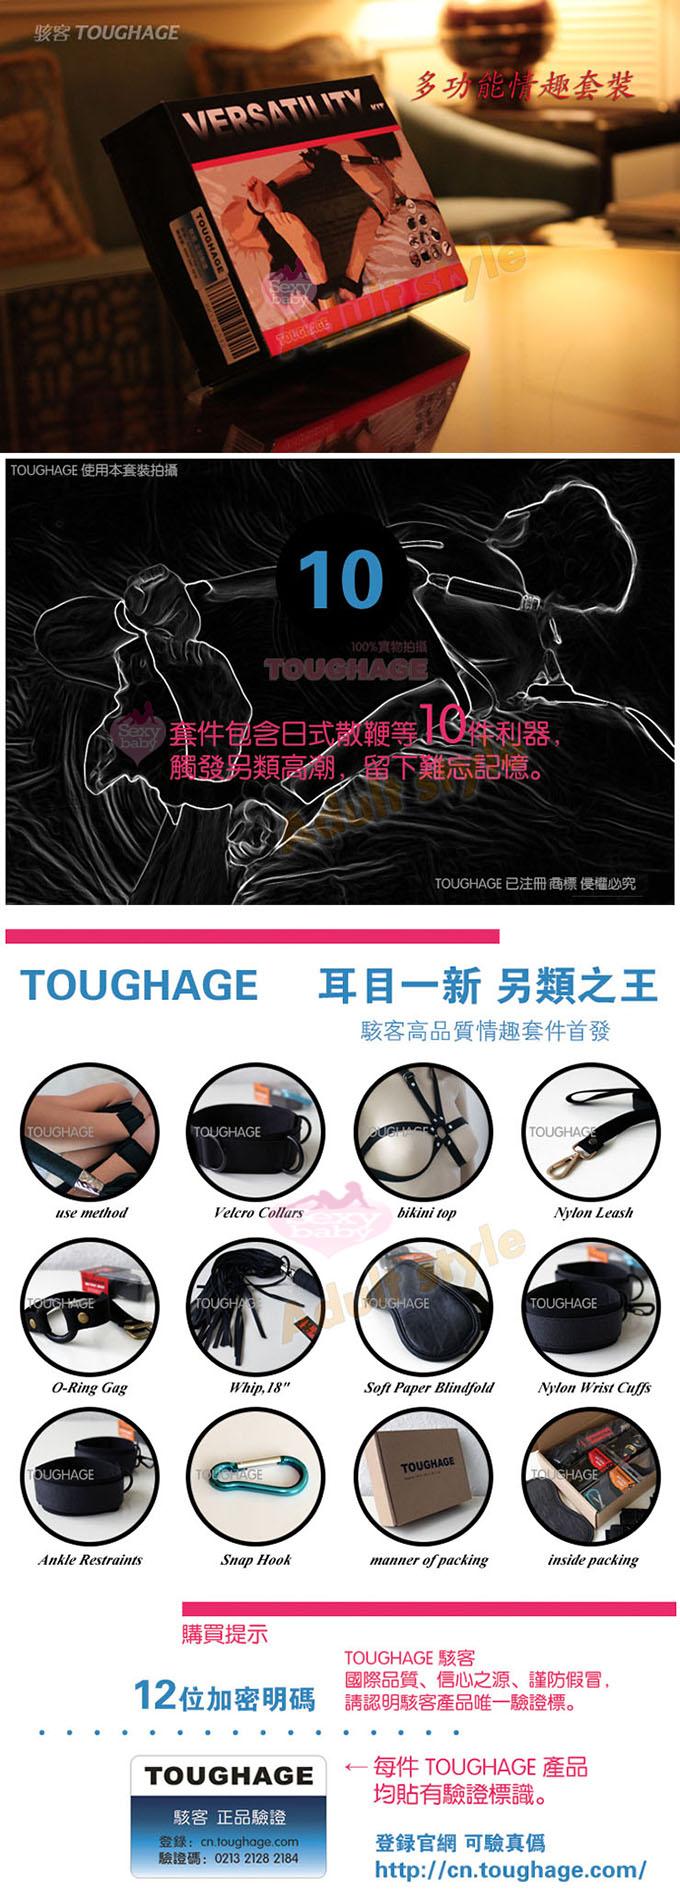 自慰套-美國駭客Toughage-多功能情趣套裝